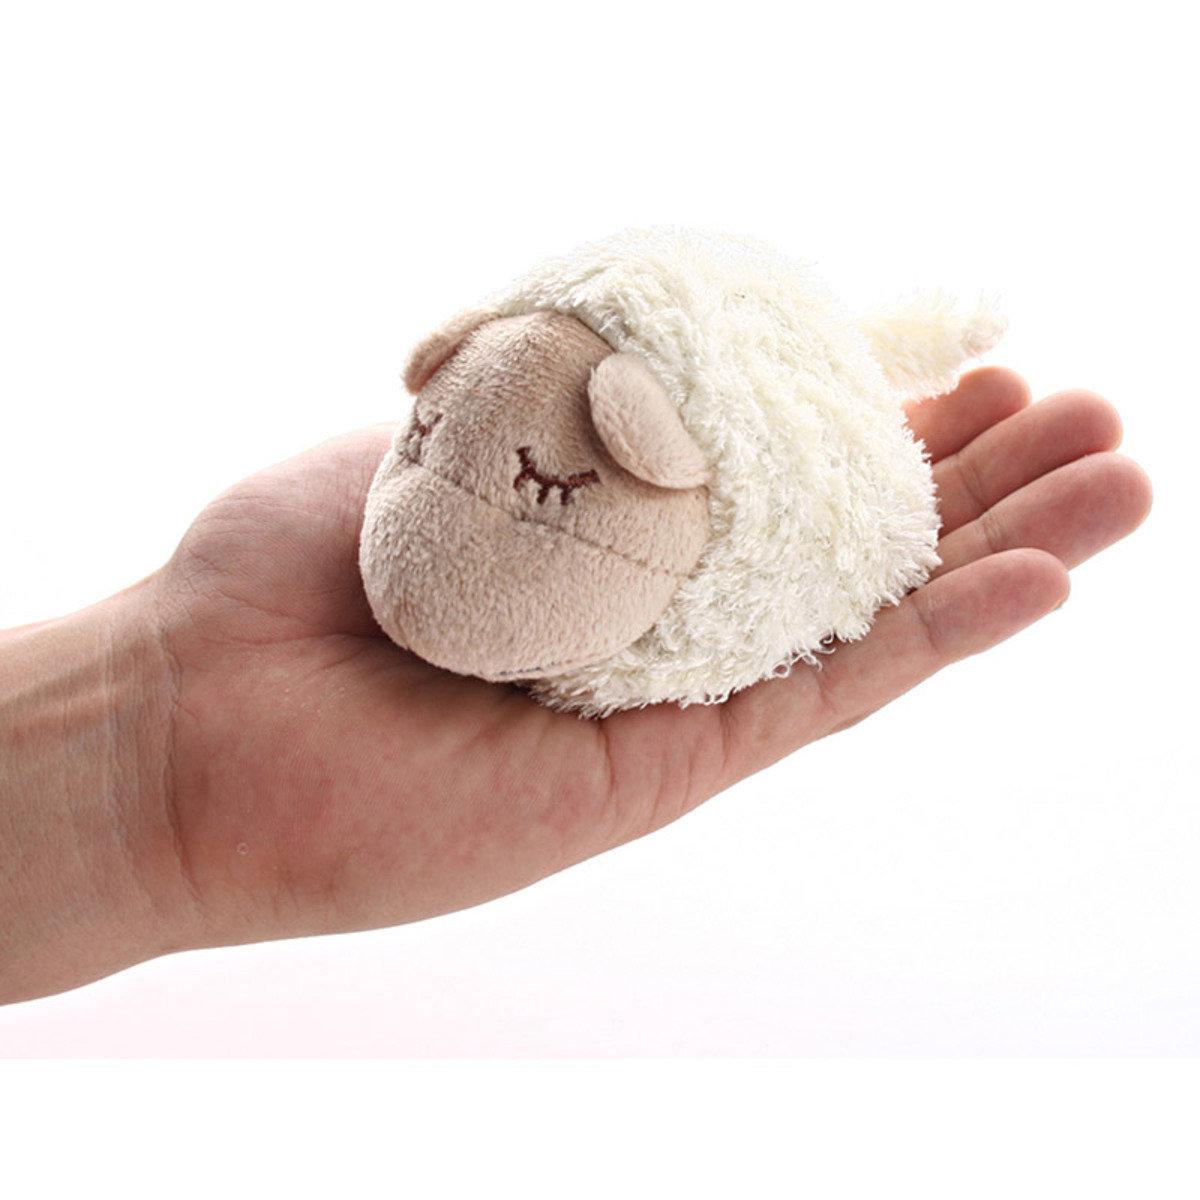 暖包公仔_ Sheep_白色